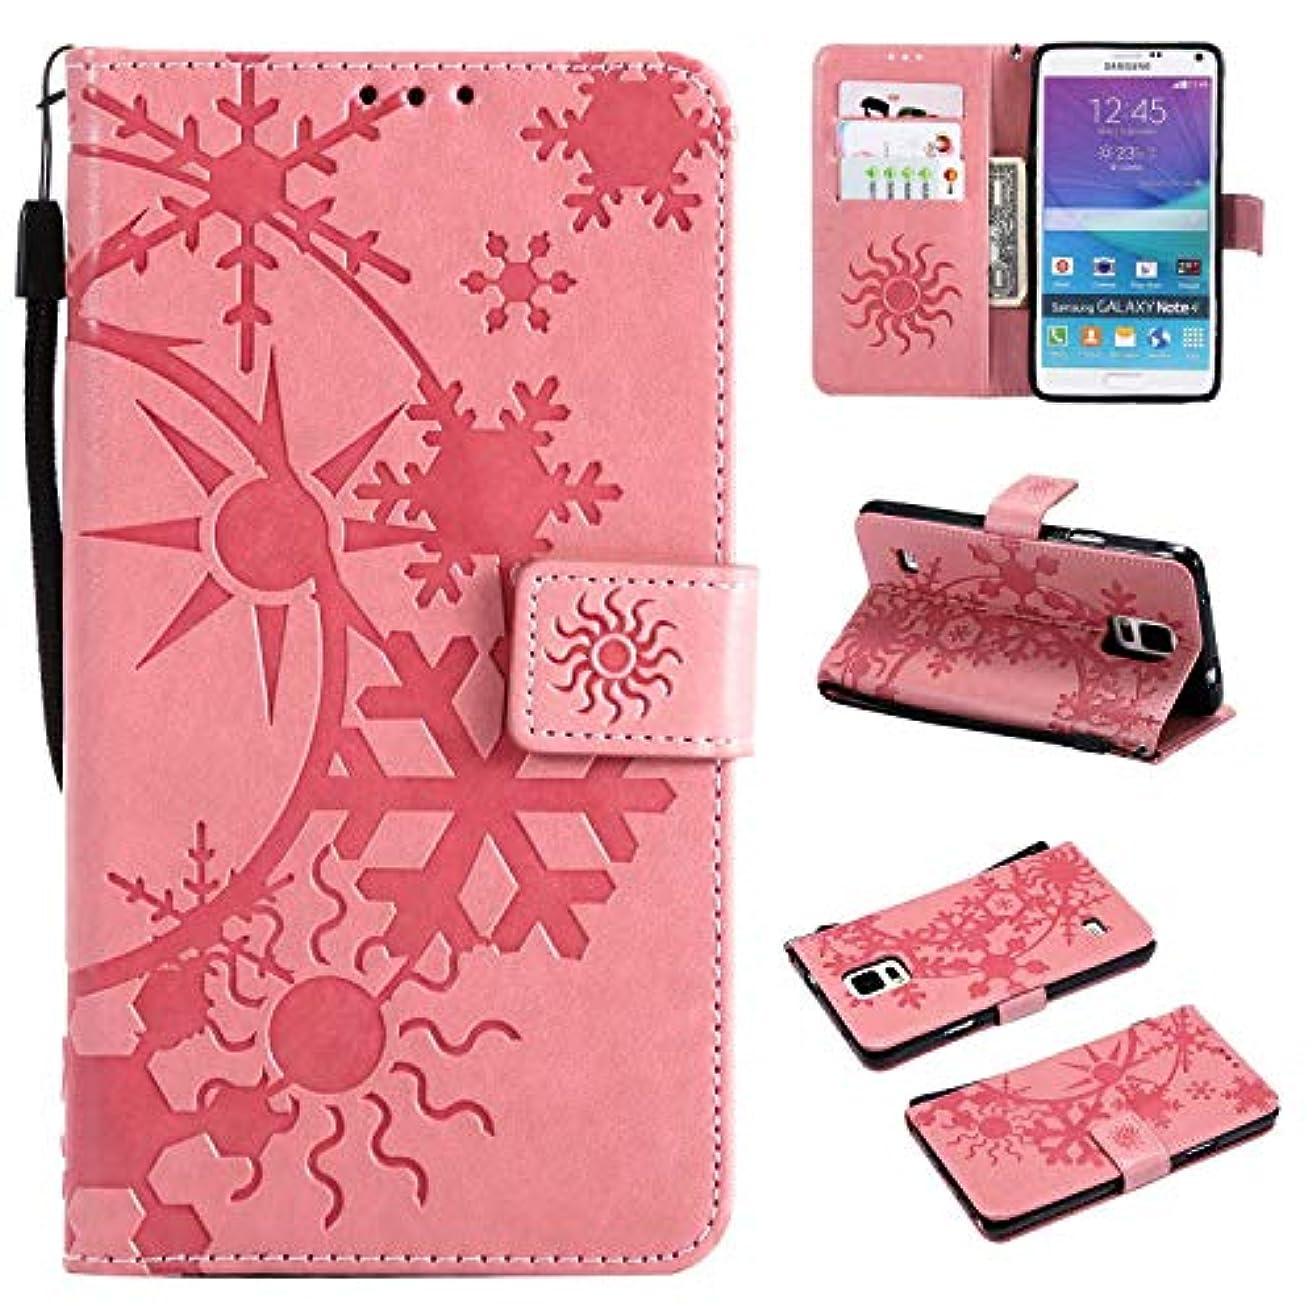 デンマーク語無限大ブローGalaxy Note 4 ケース CUSKING 手帳型 ケース ストラップ付き かわいい 財布 カバー カードポケット付き Samsung ギャラクシー Note 4 マジックアレイ ケース - ピンク